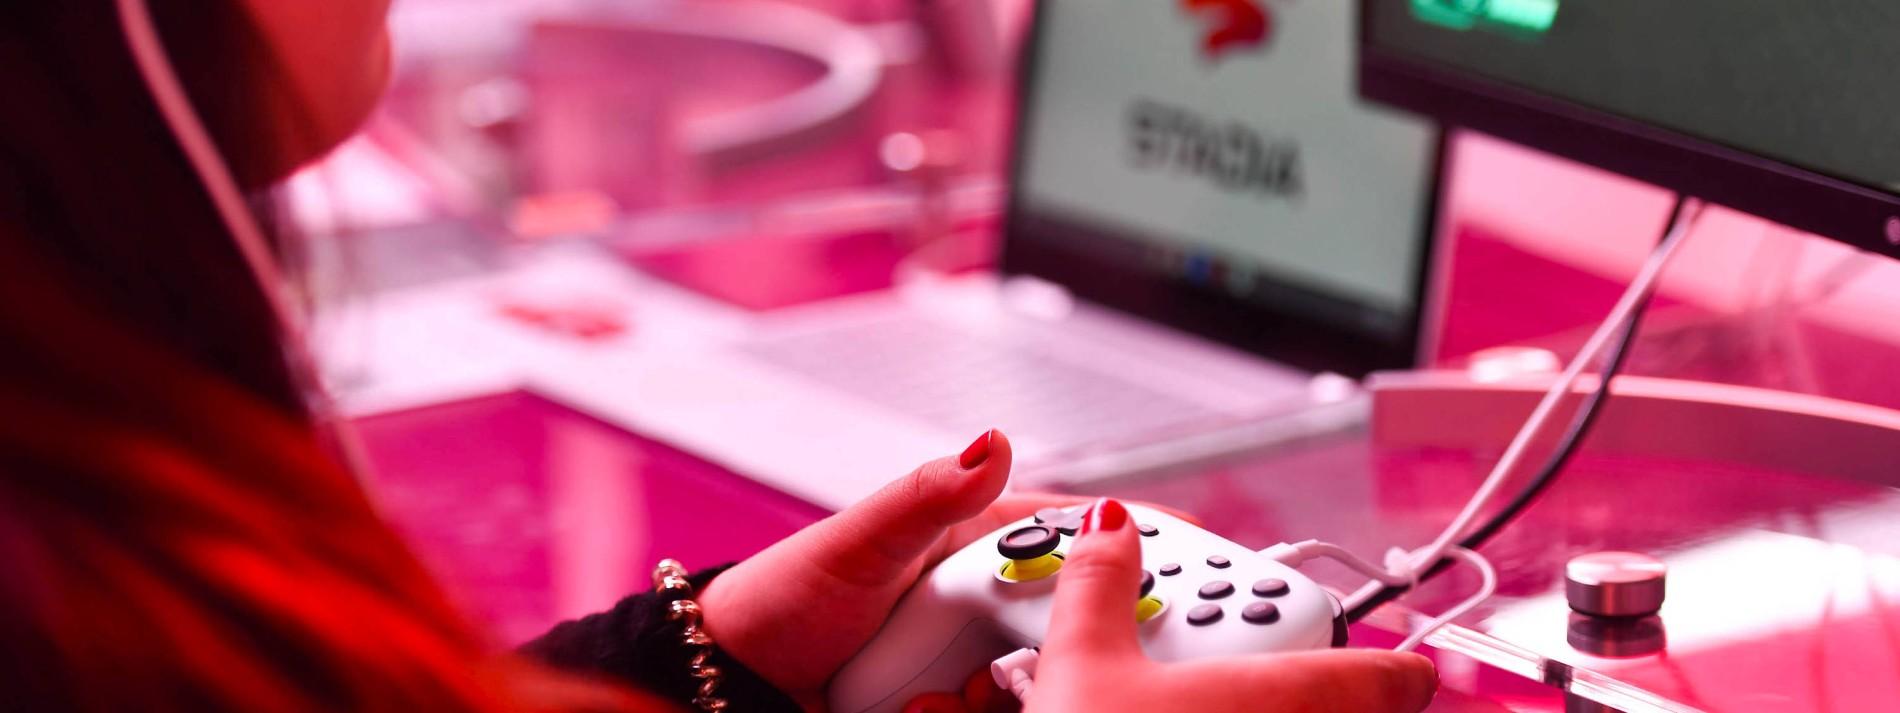 Gaming-Aktien laden zum Zocken ein